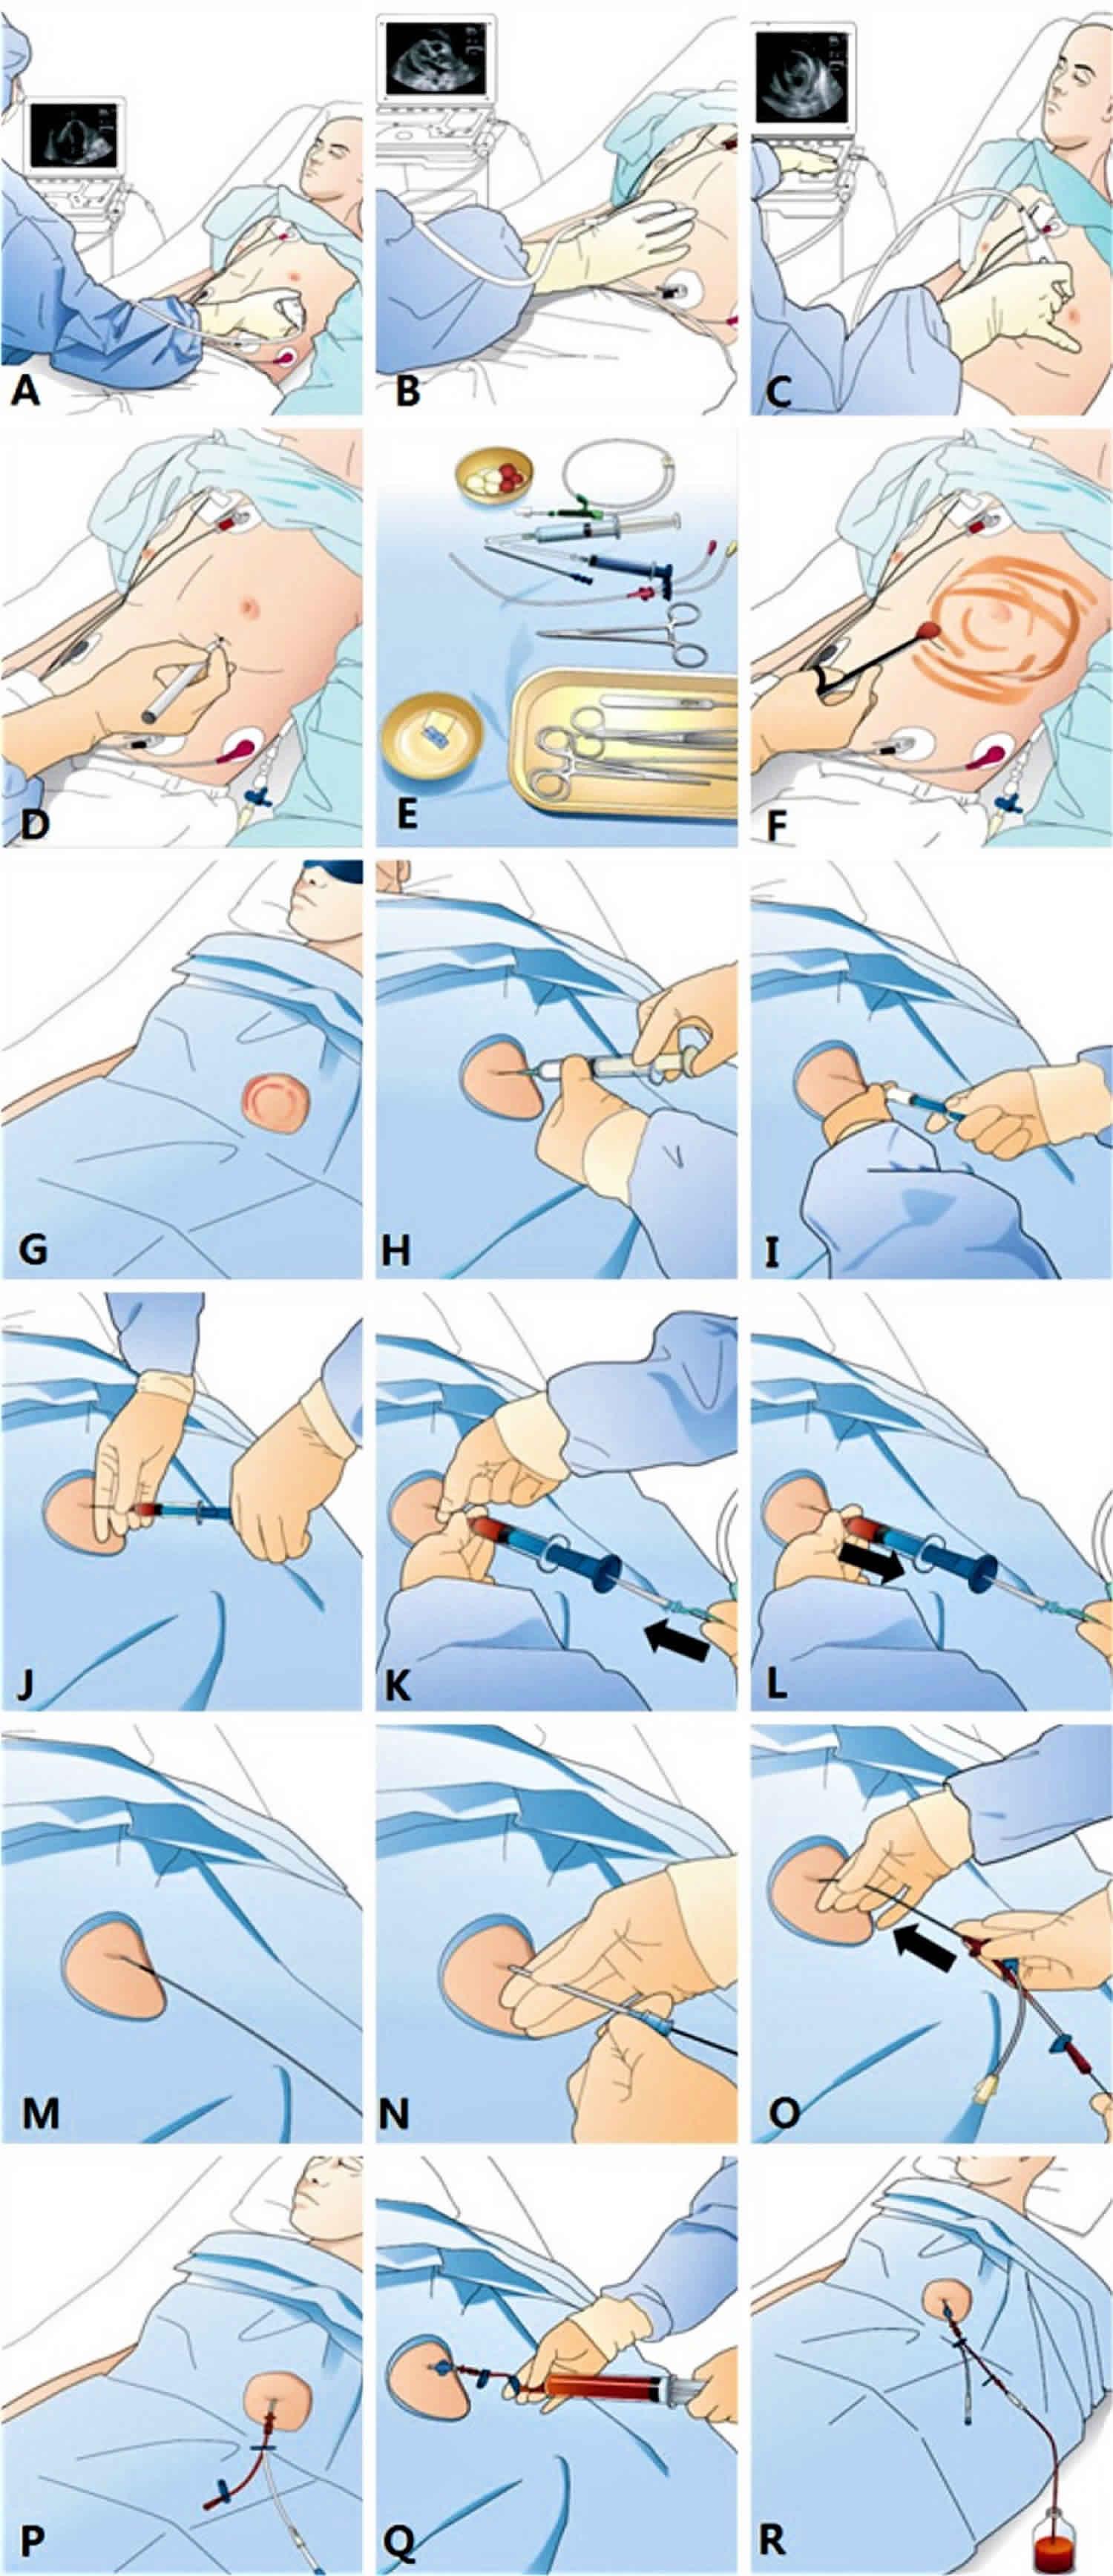 Pericardiocentesis technique